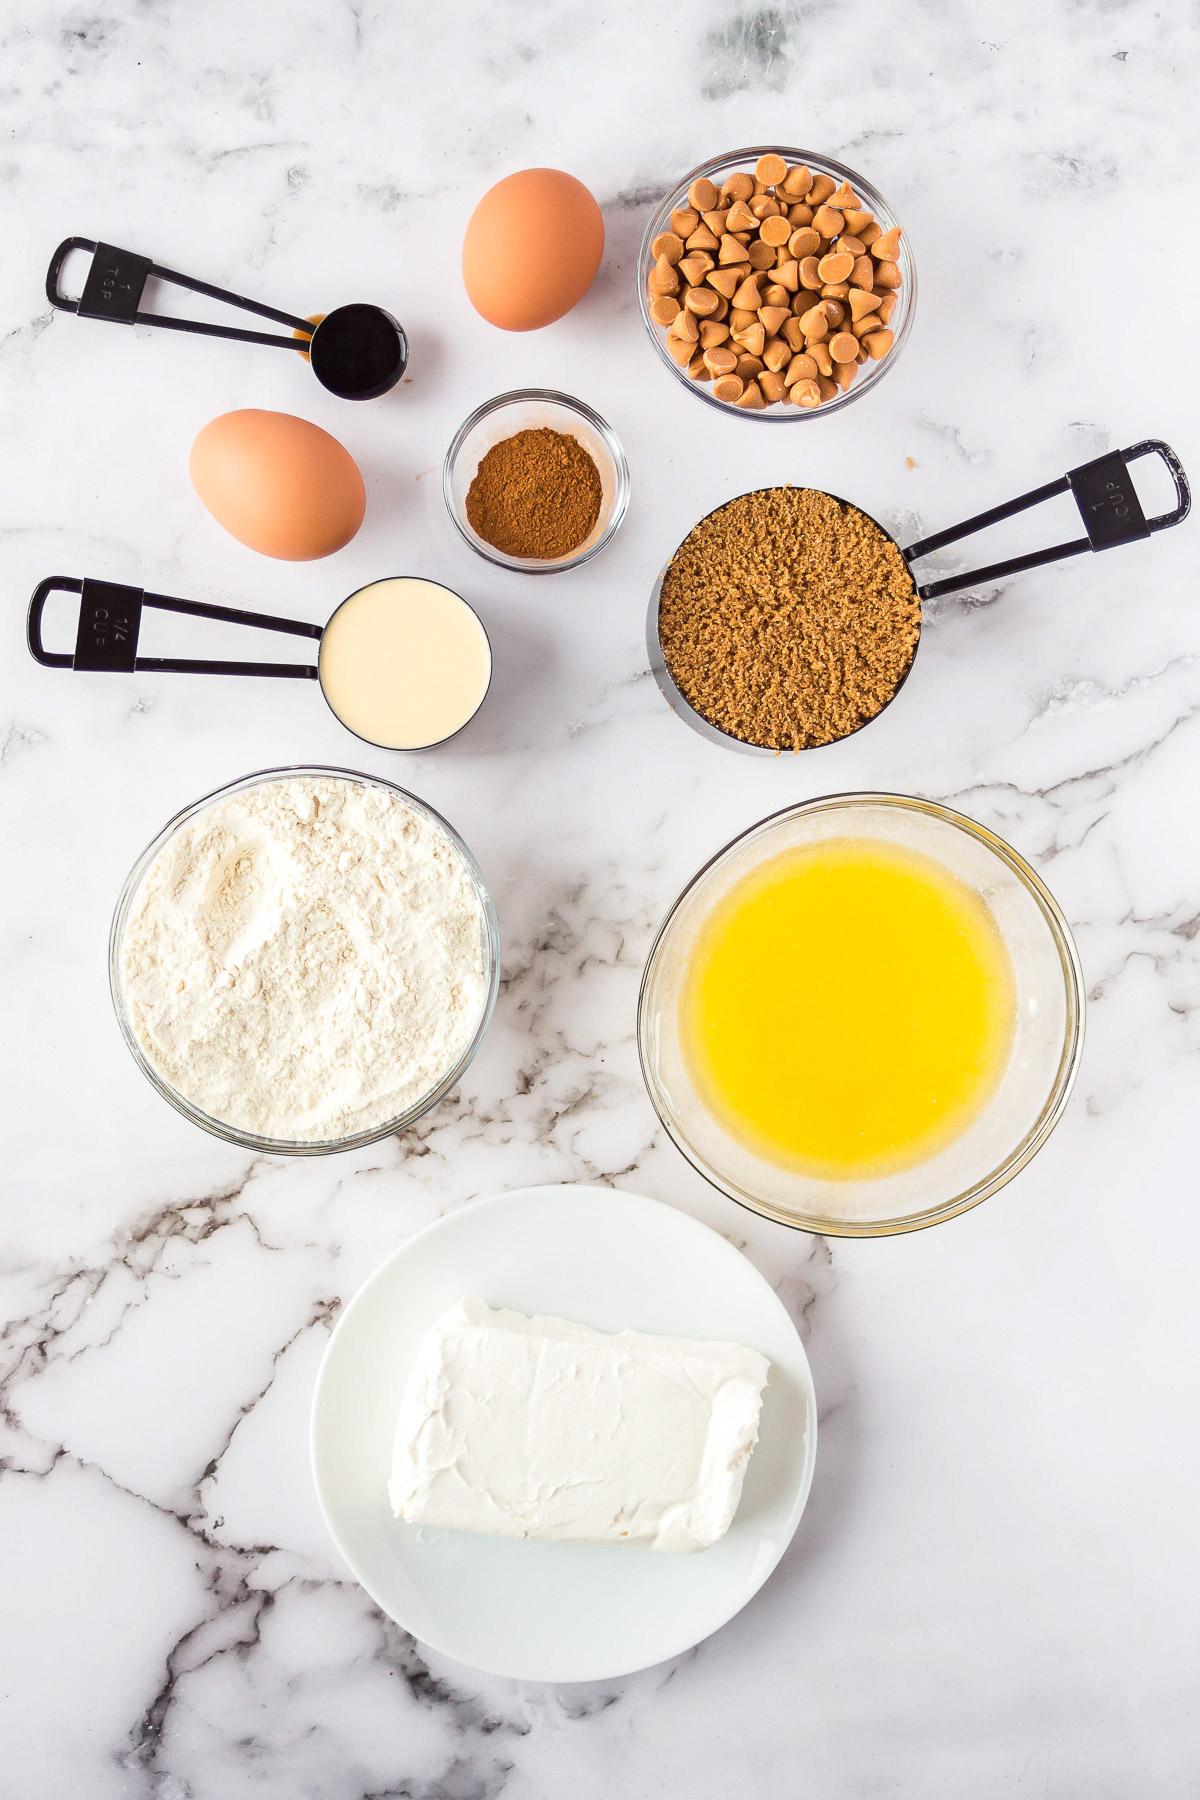 ingredients to make eggnog butterscotch blondies